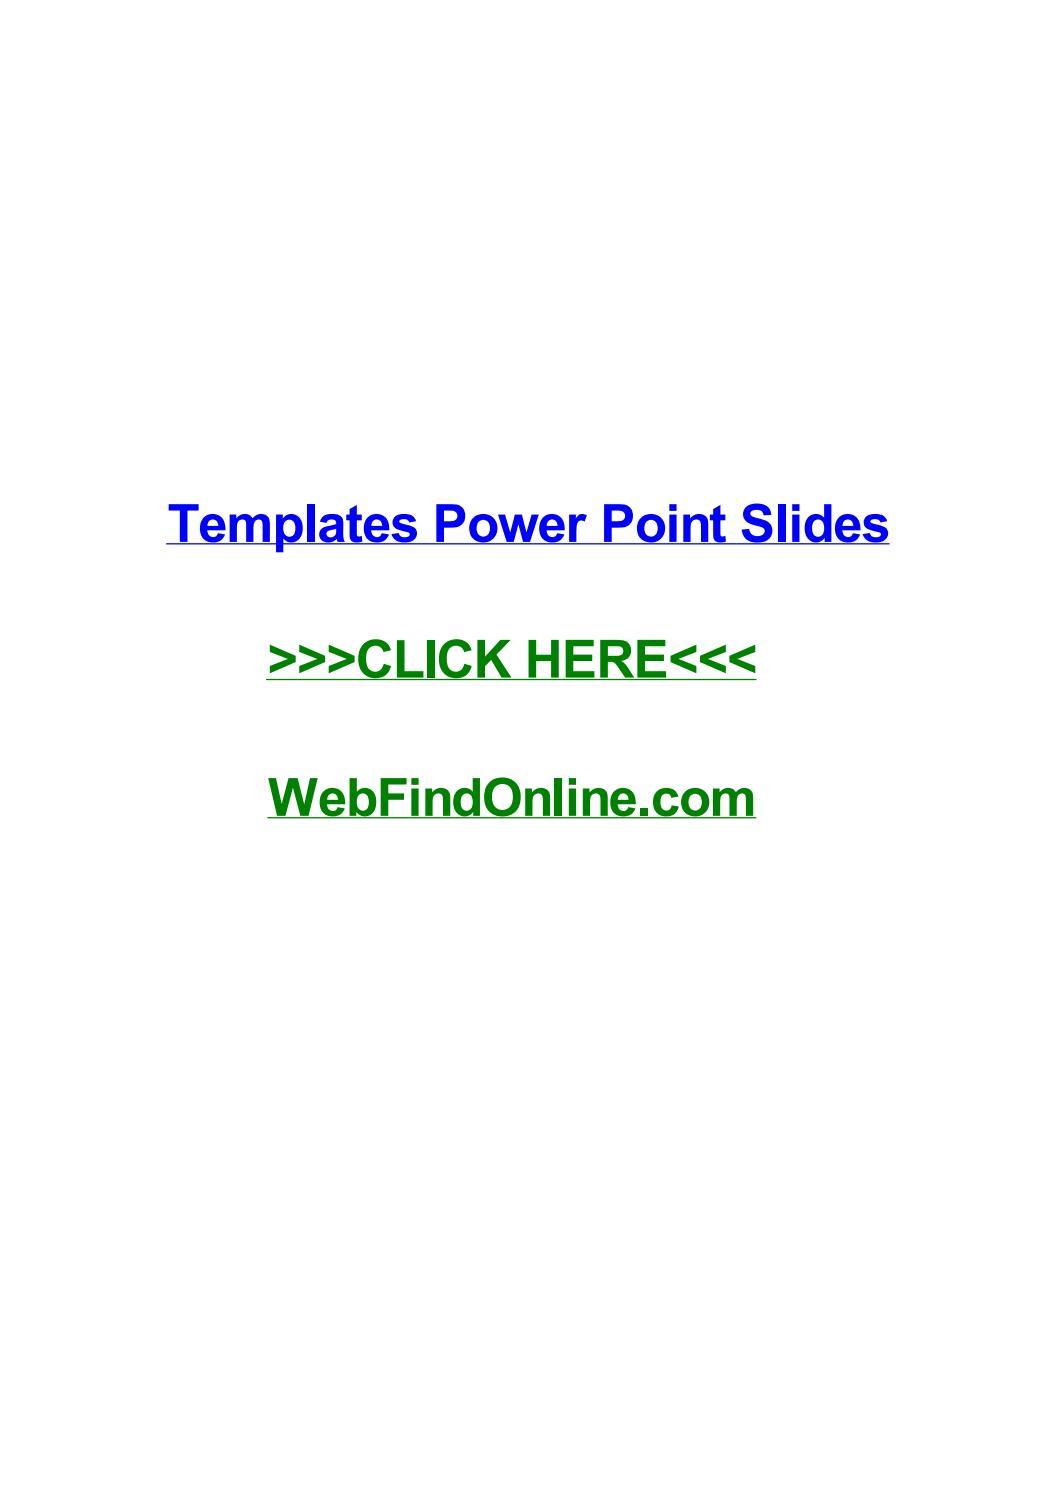 Templates power point slides by jakehrtv issuu toneelgroepblik Images